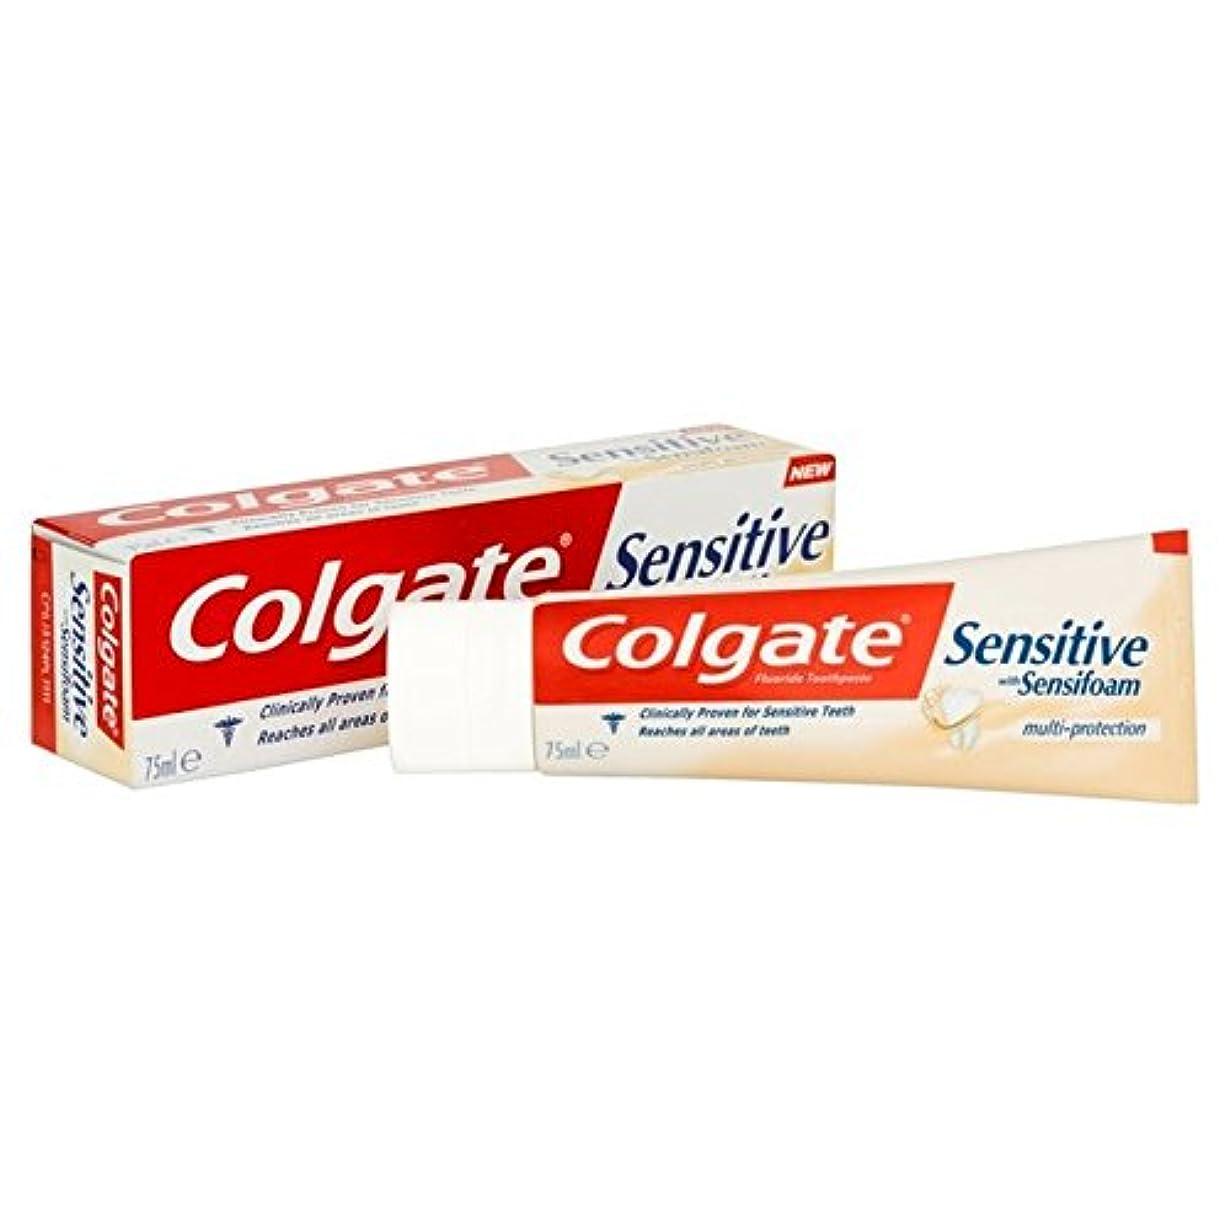 マイルド水分ピストルColgate Sensitive Foam Multi Protect Toothpaste 75ml - コルゲート敏感な泡は、マルチ歯磨き粉75ミリリットルを保護します [並行輸入品]